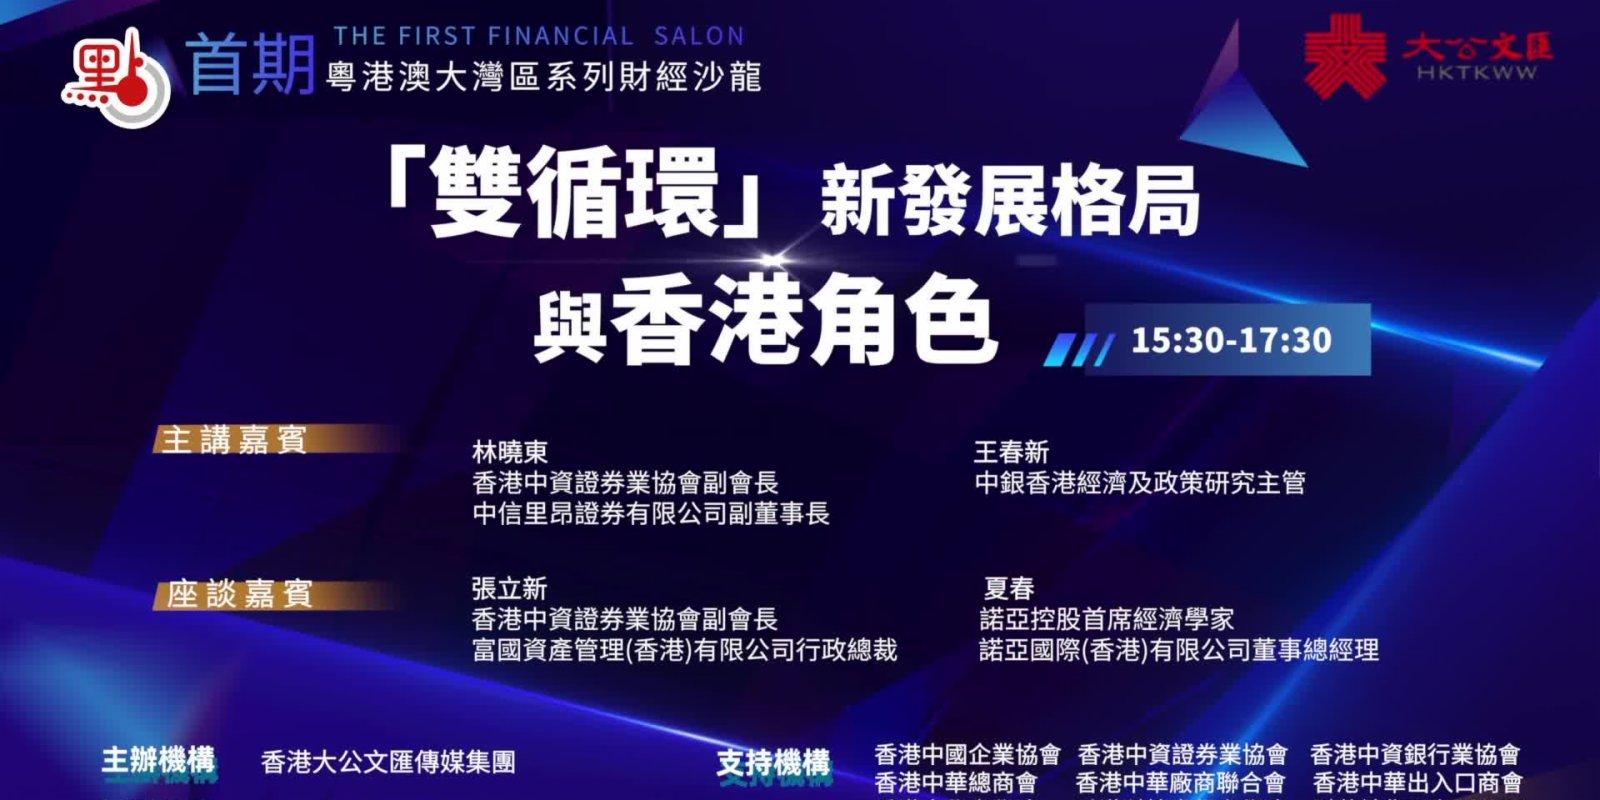 首期粵港澳大灣區系列財經沙龍成功舉辦 聚焦「『雙循環』新發展格局與香港角色」